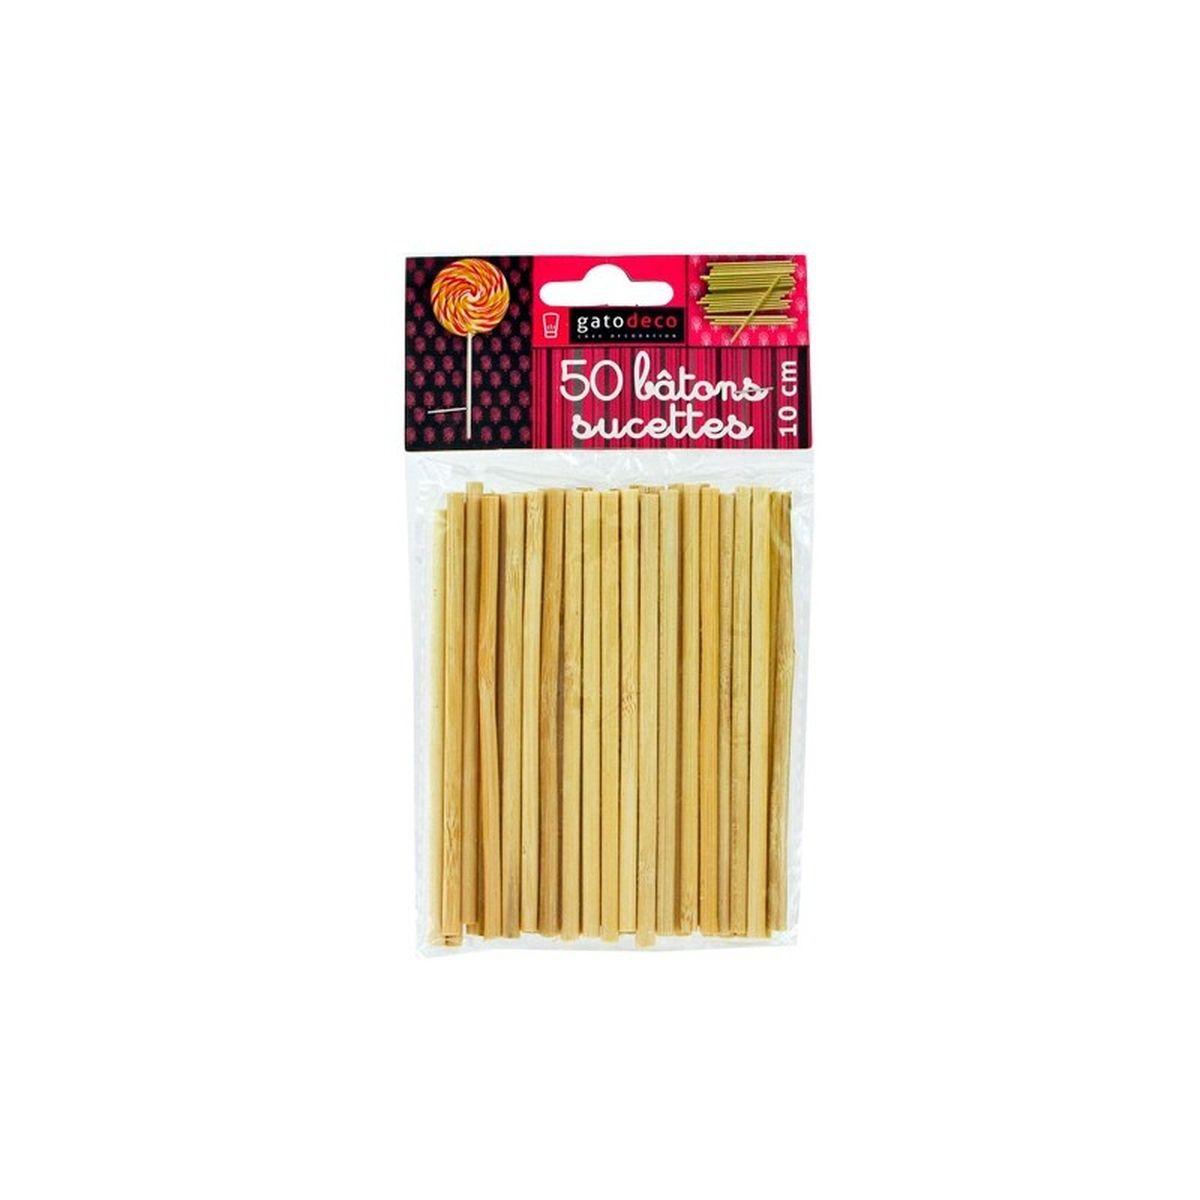 50 batons de sucette et popcake en bois 10 cm - Patisdecor